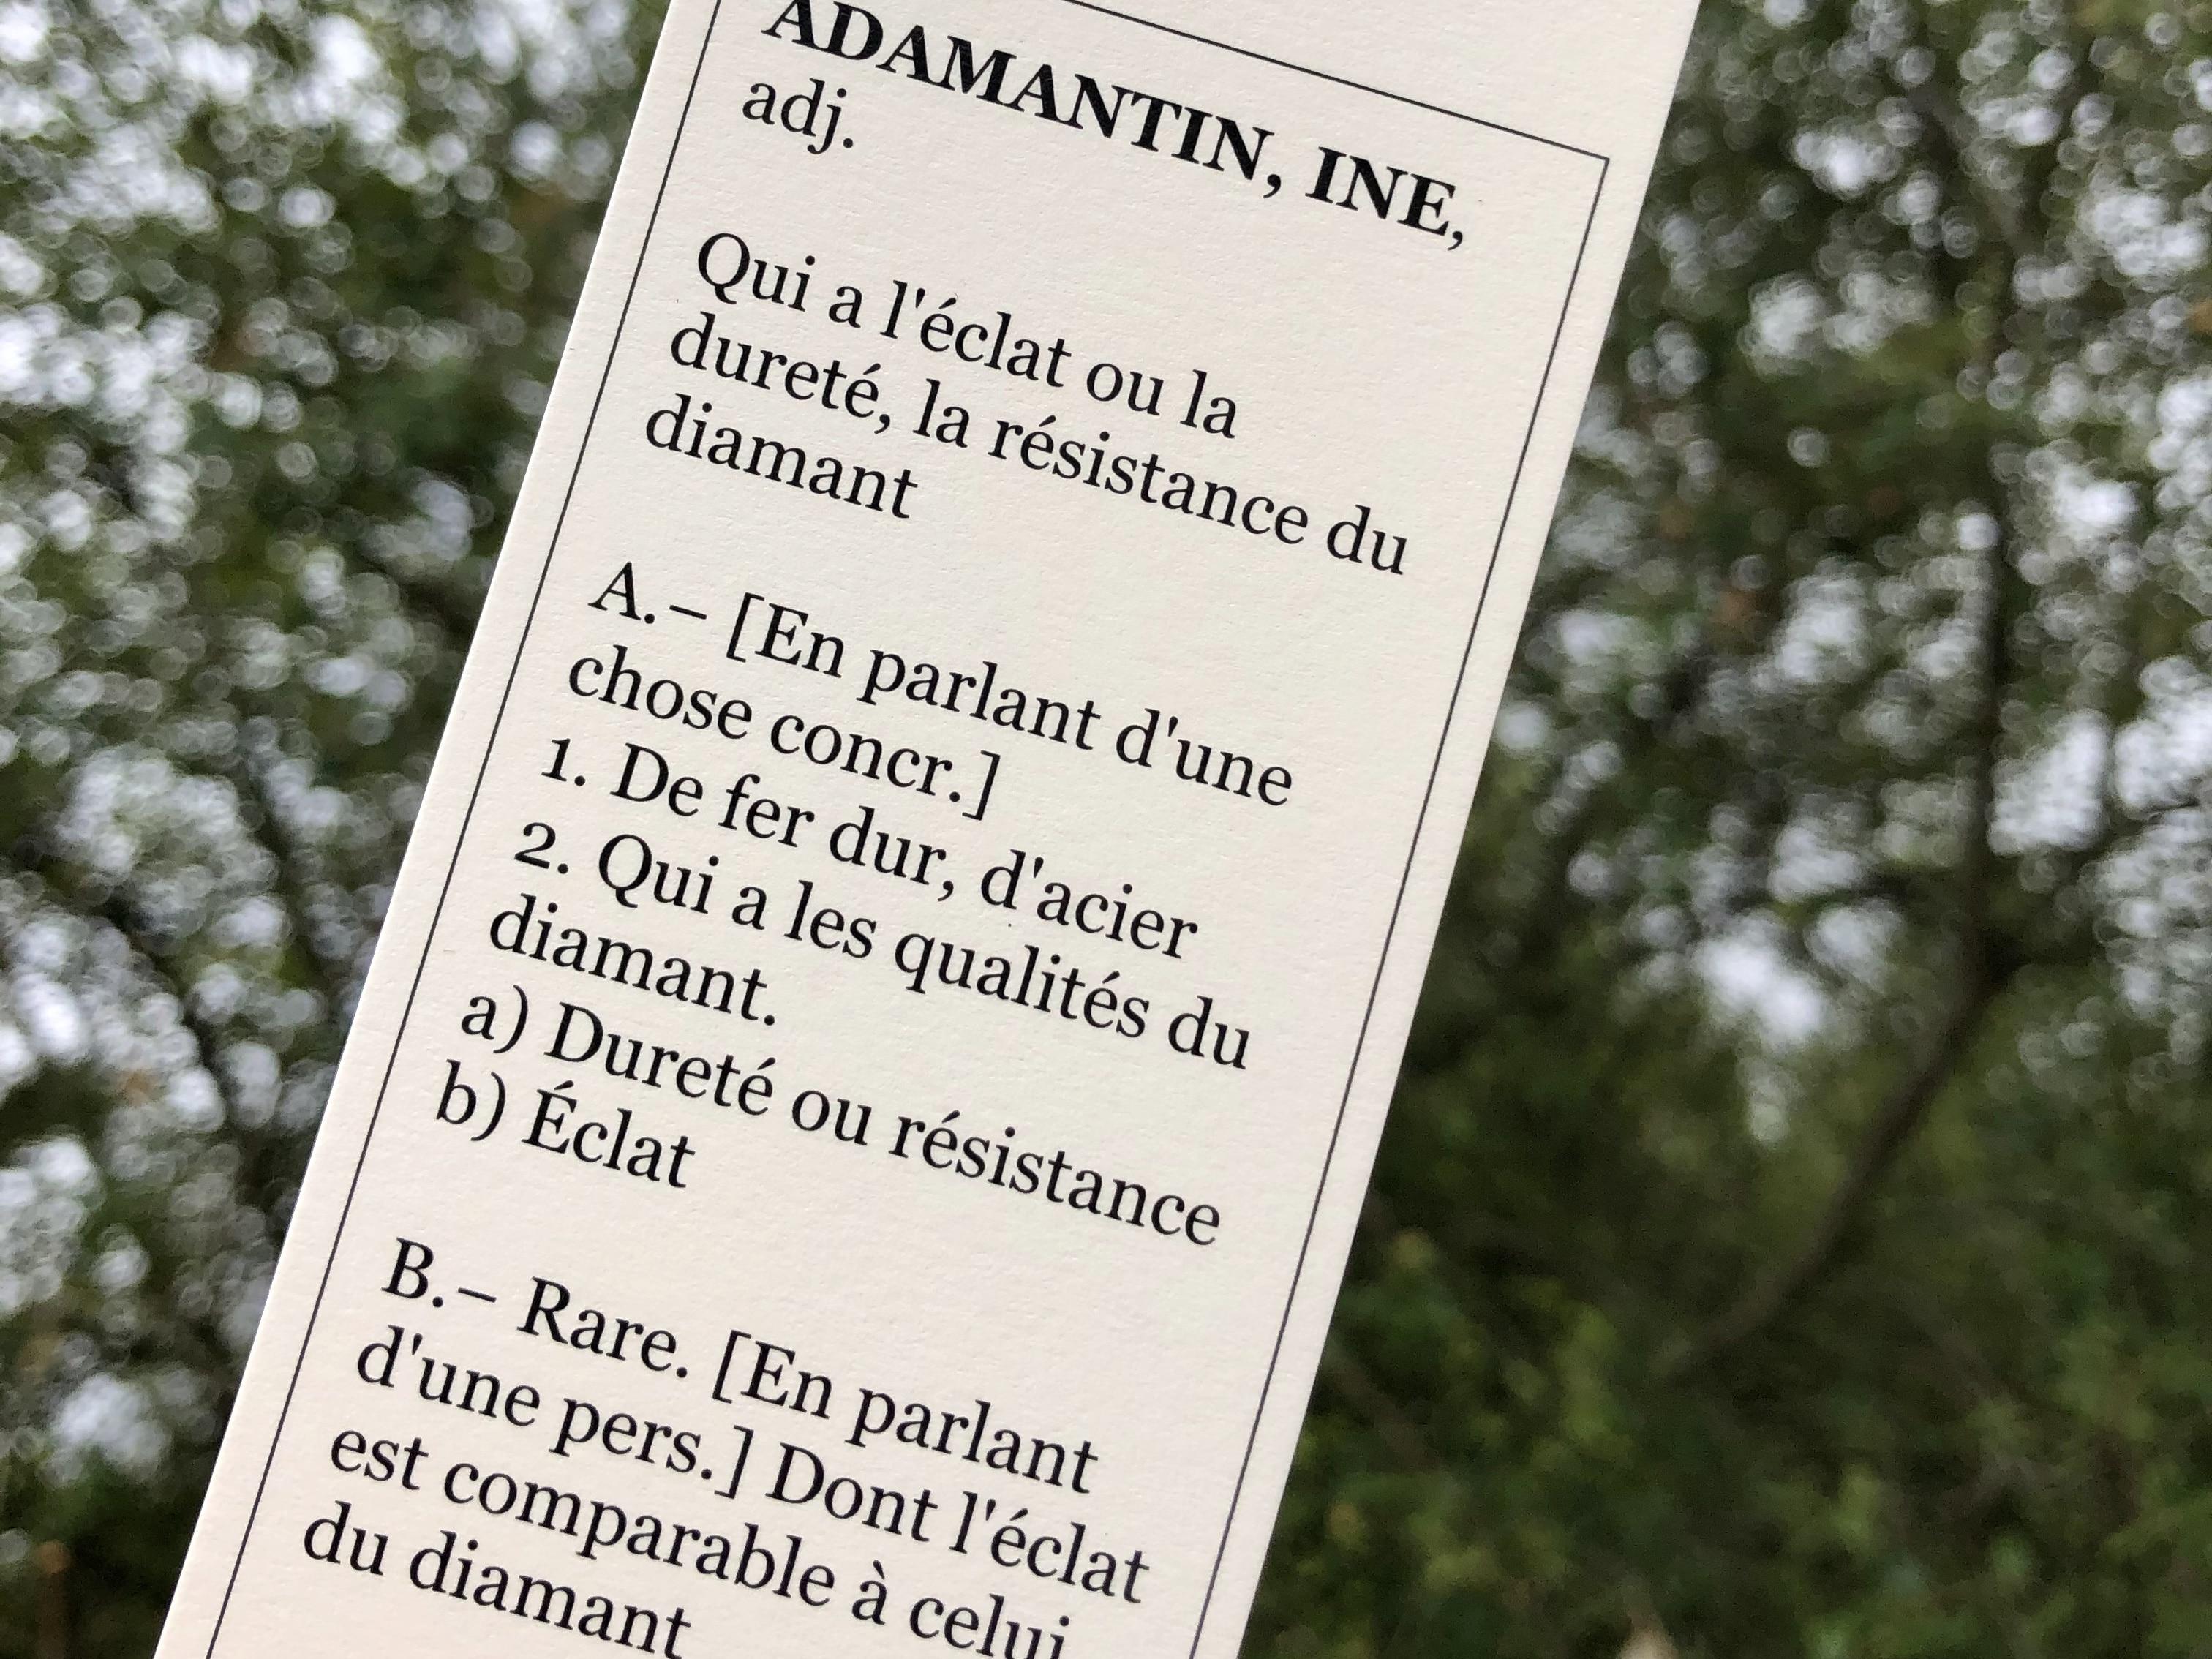 Etiquette-définition-Adamantine